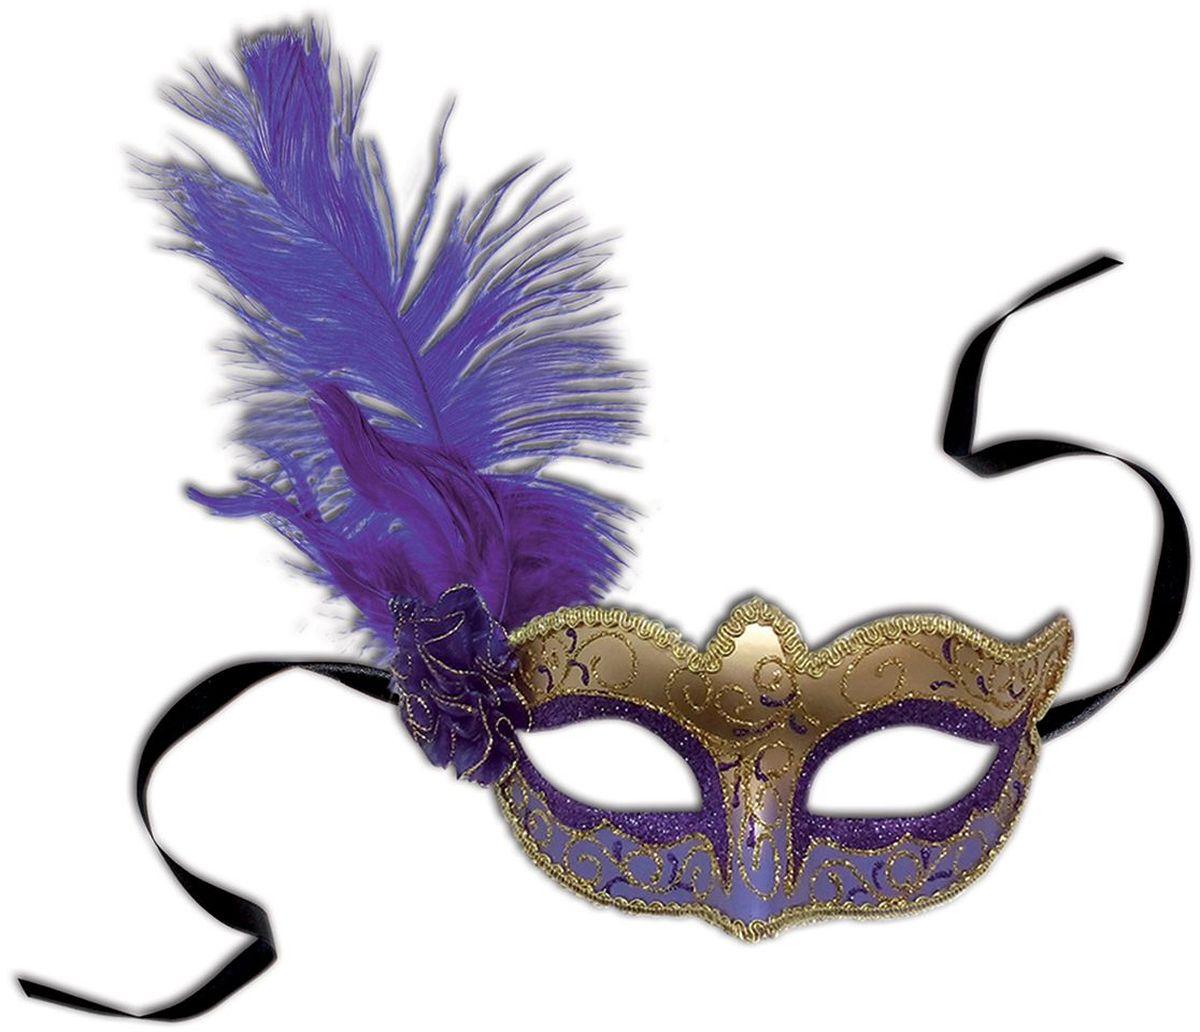 Partymania Маска карнавальная Венеция цвет фиолетовый золотой -  Маски карнавальные